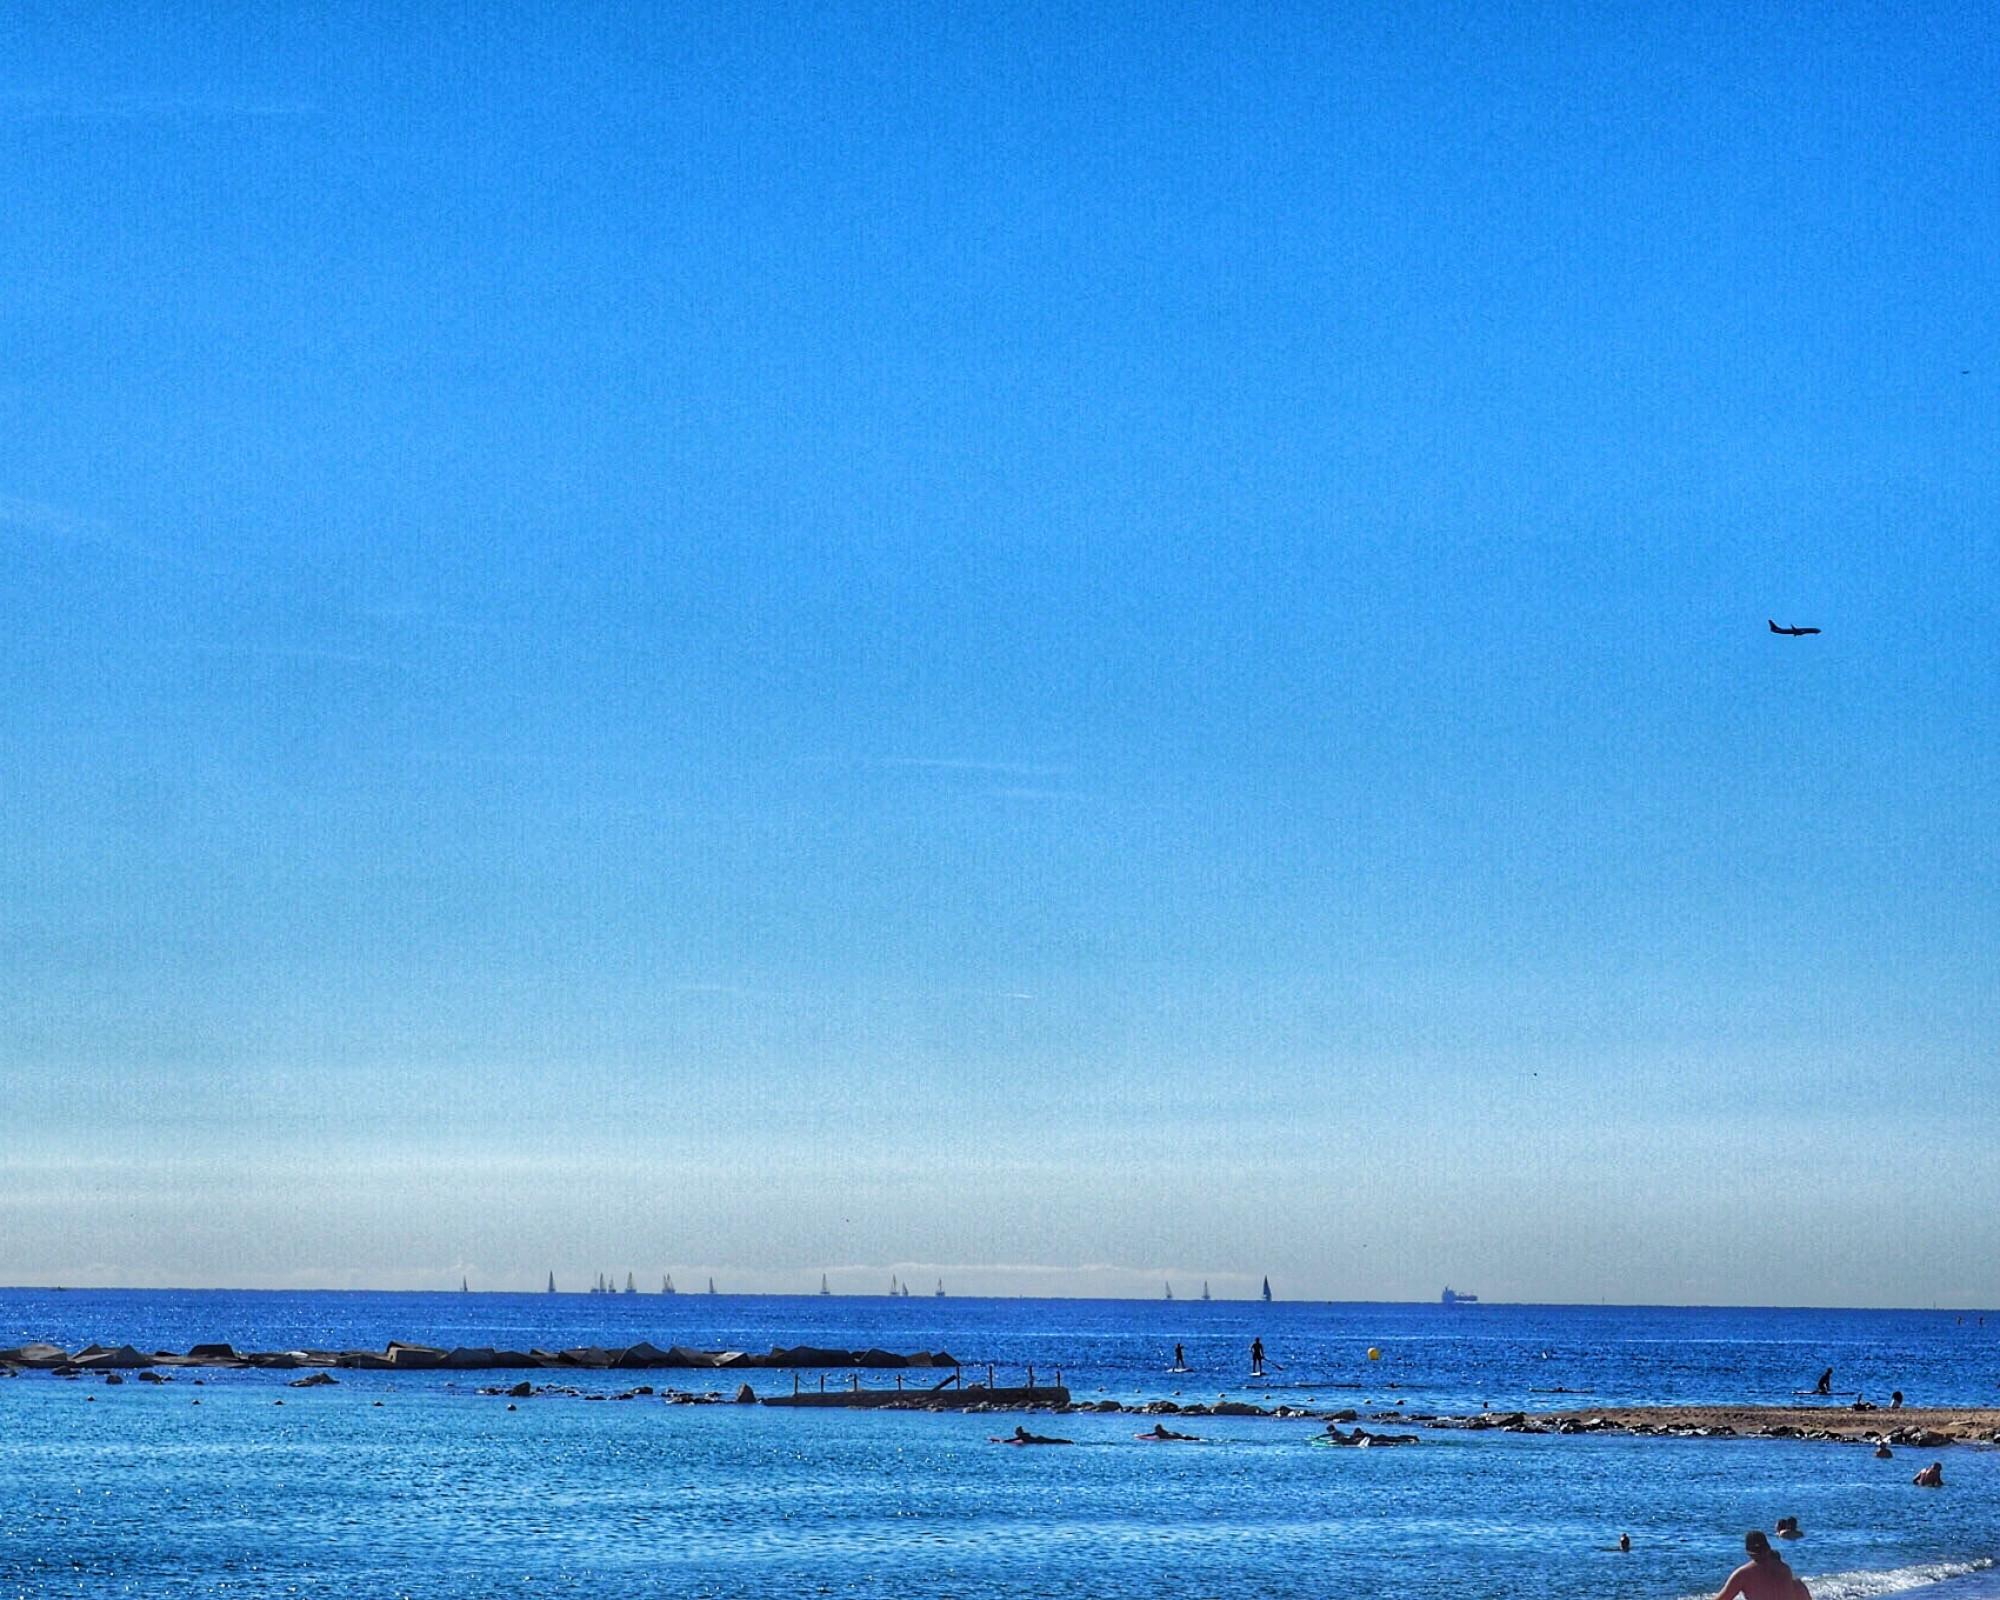 Photo 2: La Plage de Barceloneta